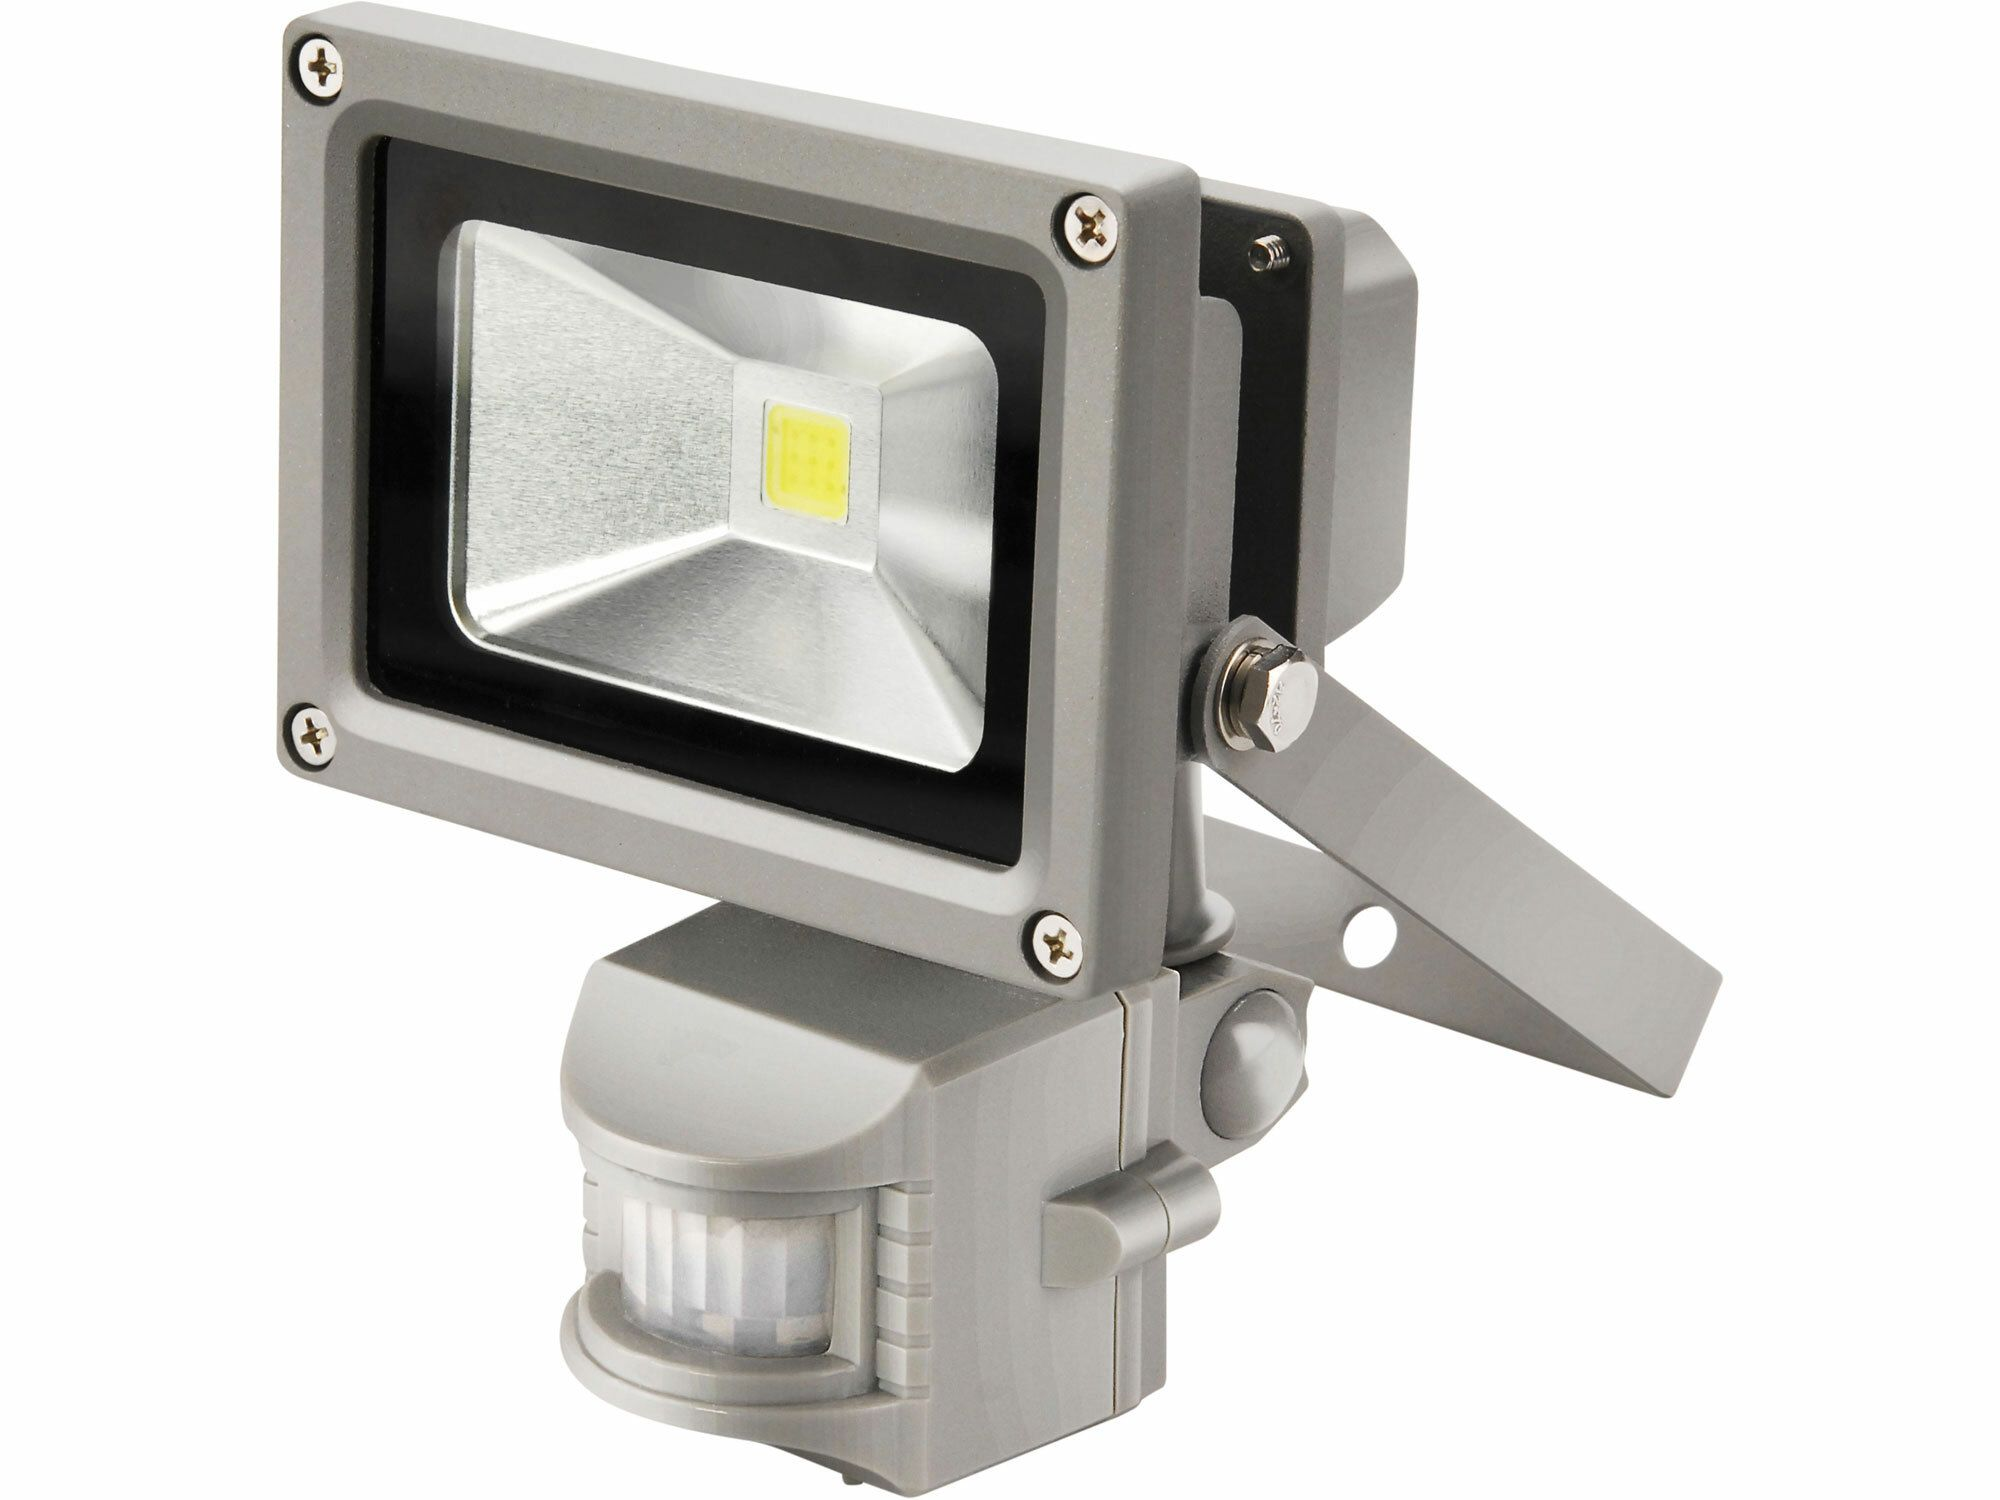 Reflektor LED s pohybovým čidlem, 10W, 800lm, denní světlo, IP44, 230V/50Hz